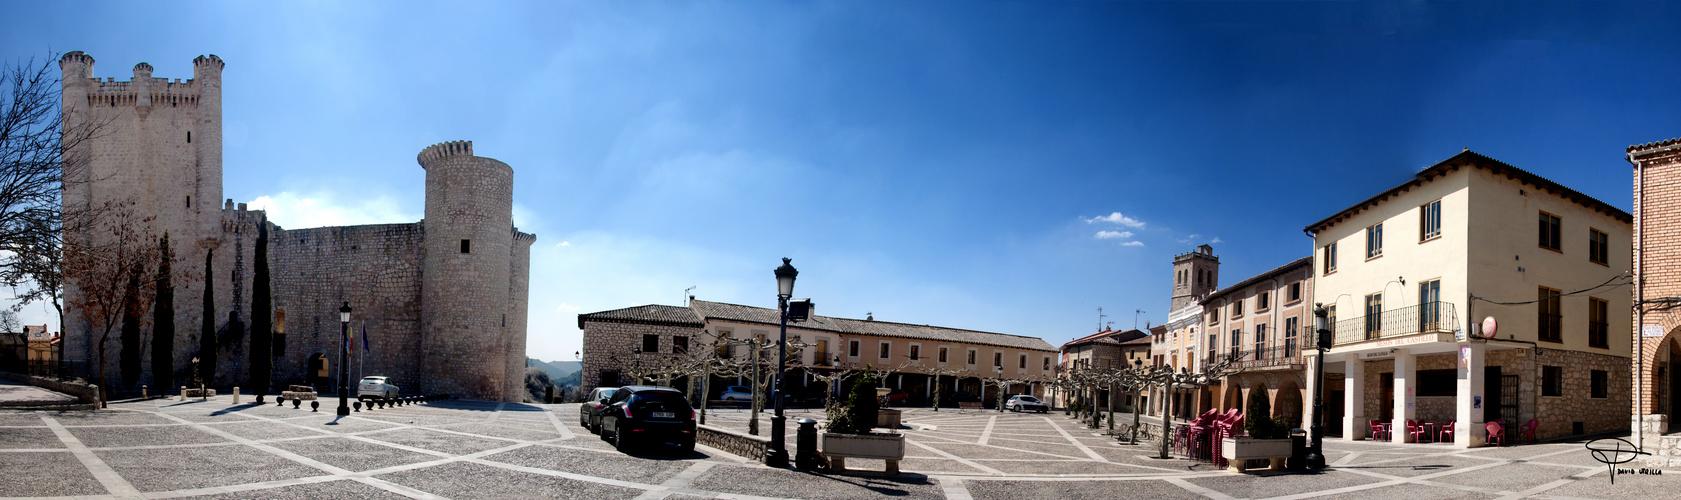 La plaza de mi pueblo